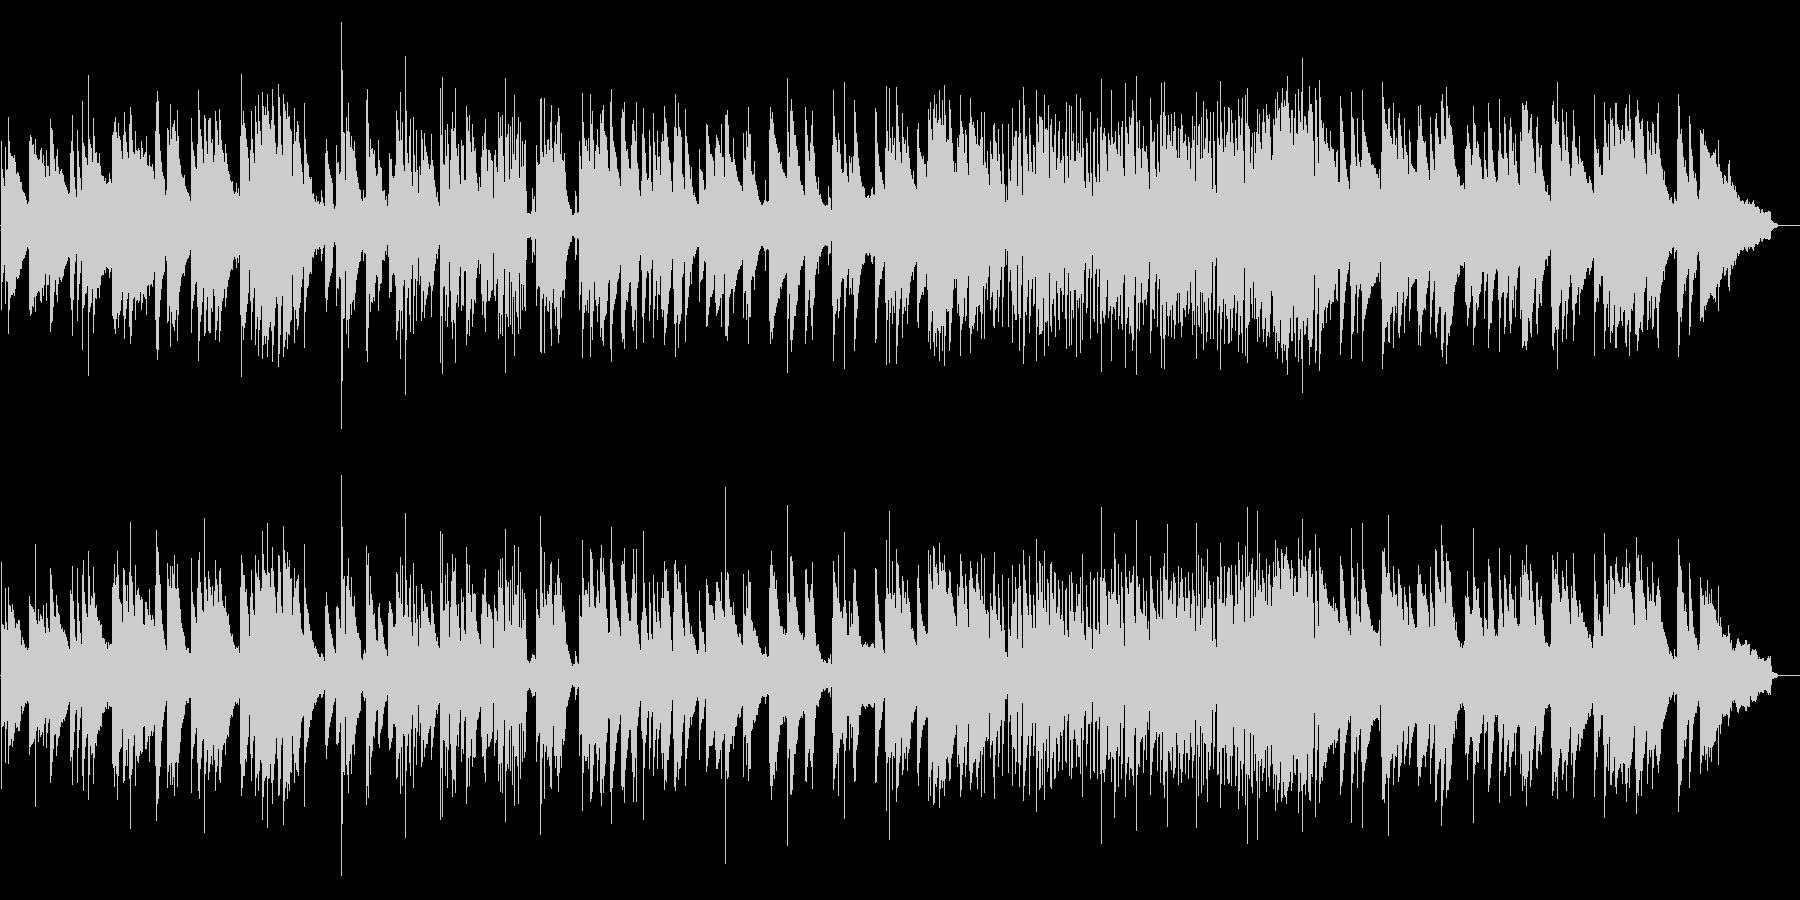 ガーシュウィンのジャズワルツの未再生の波形